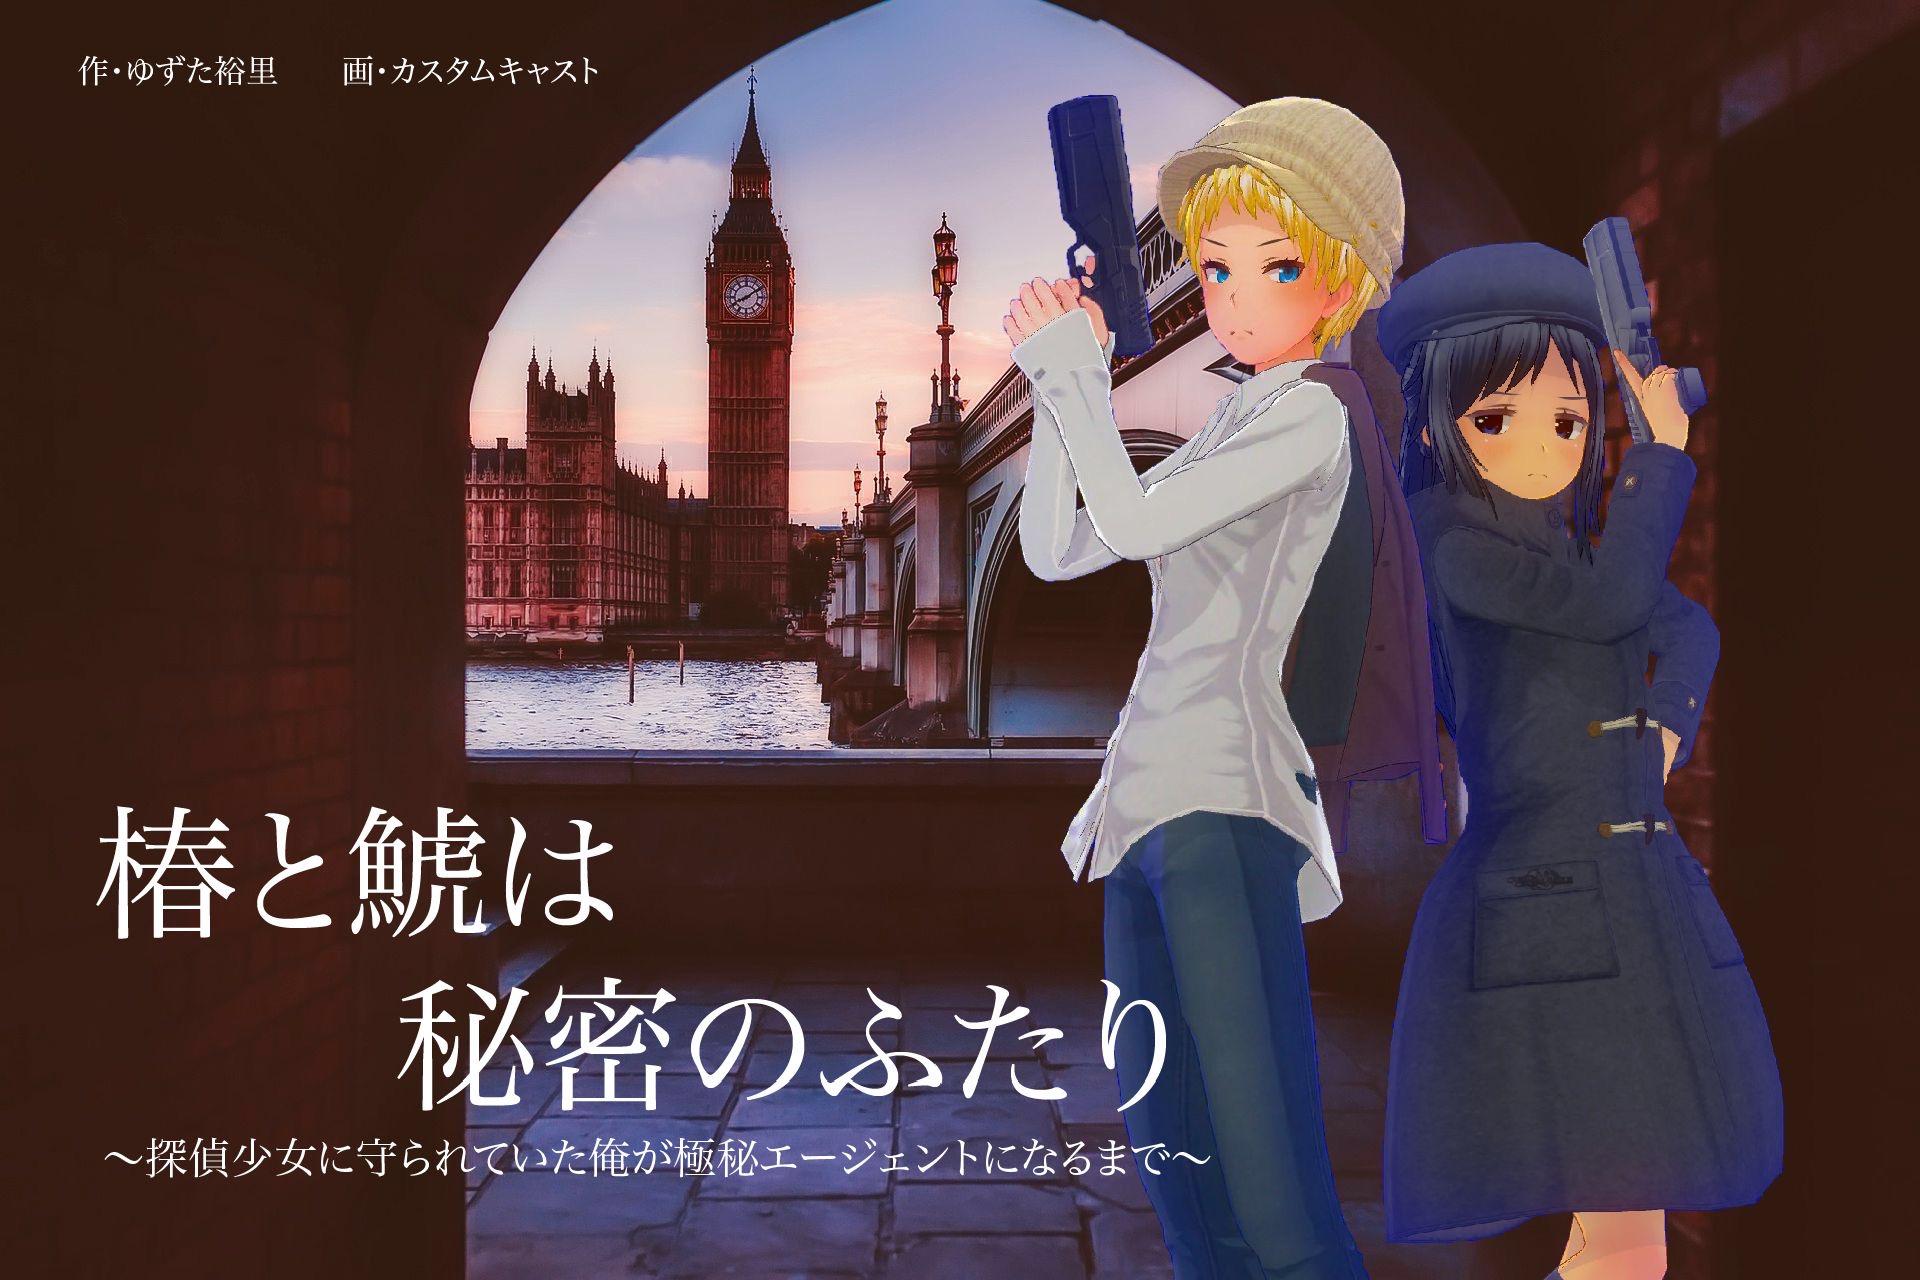 椿と鯱は秘密のふたり ~探偵少女に守られていた俺が極秘エージェントになるまで~の表紙